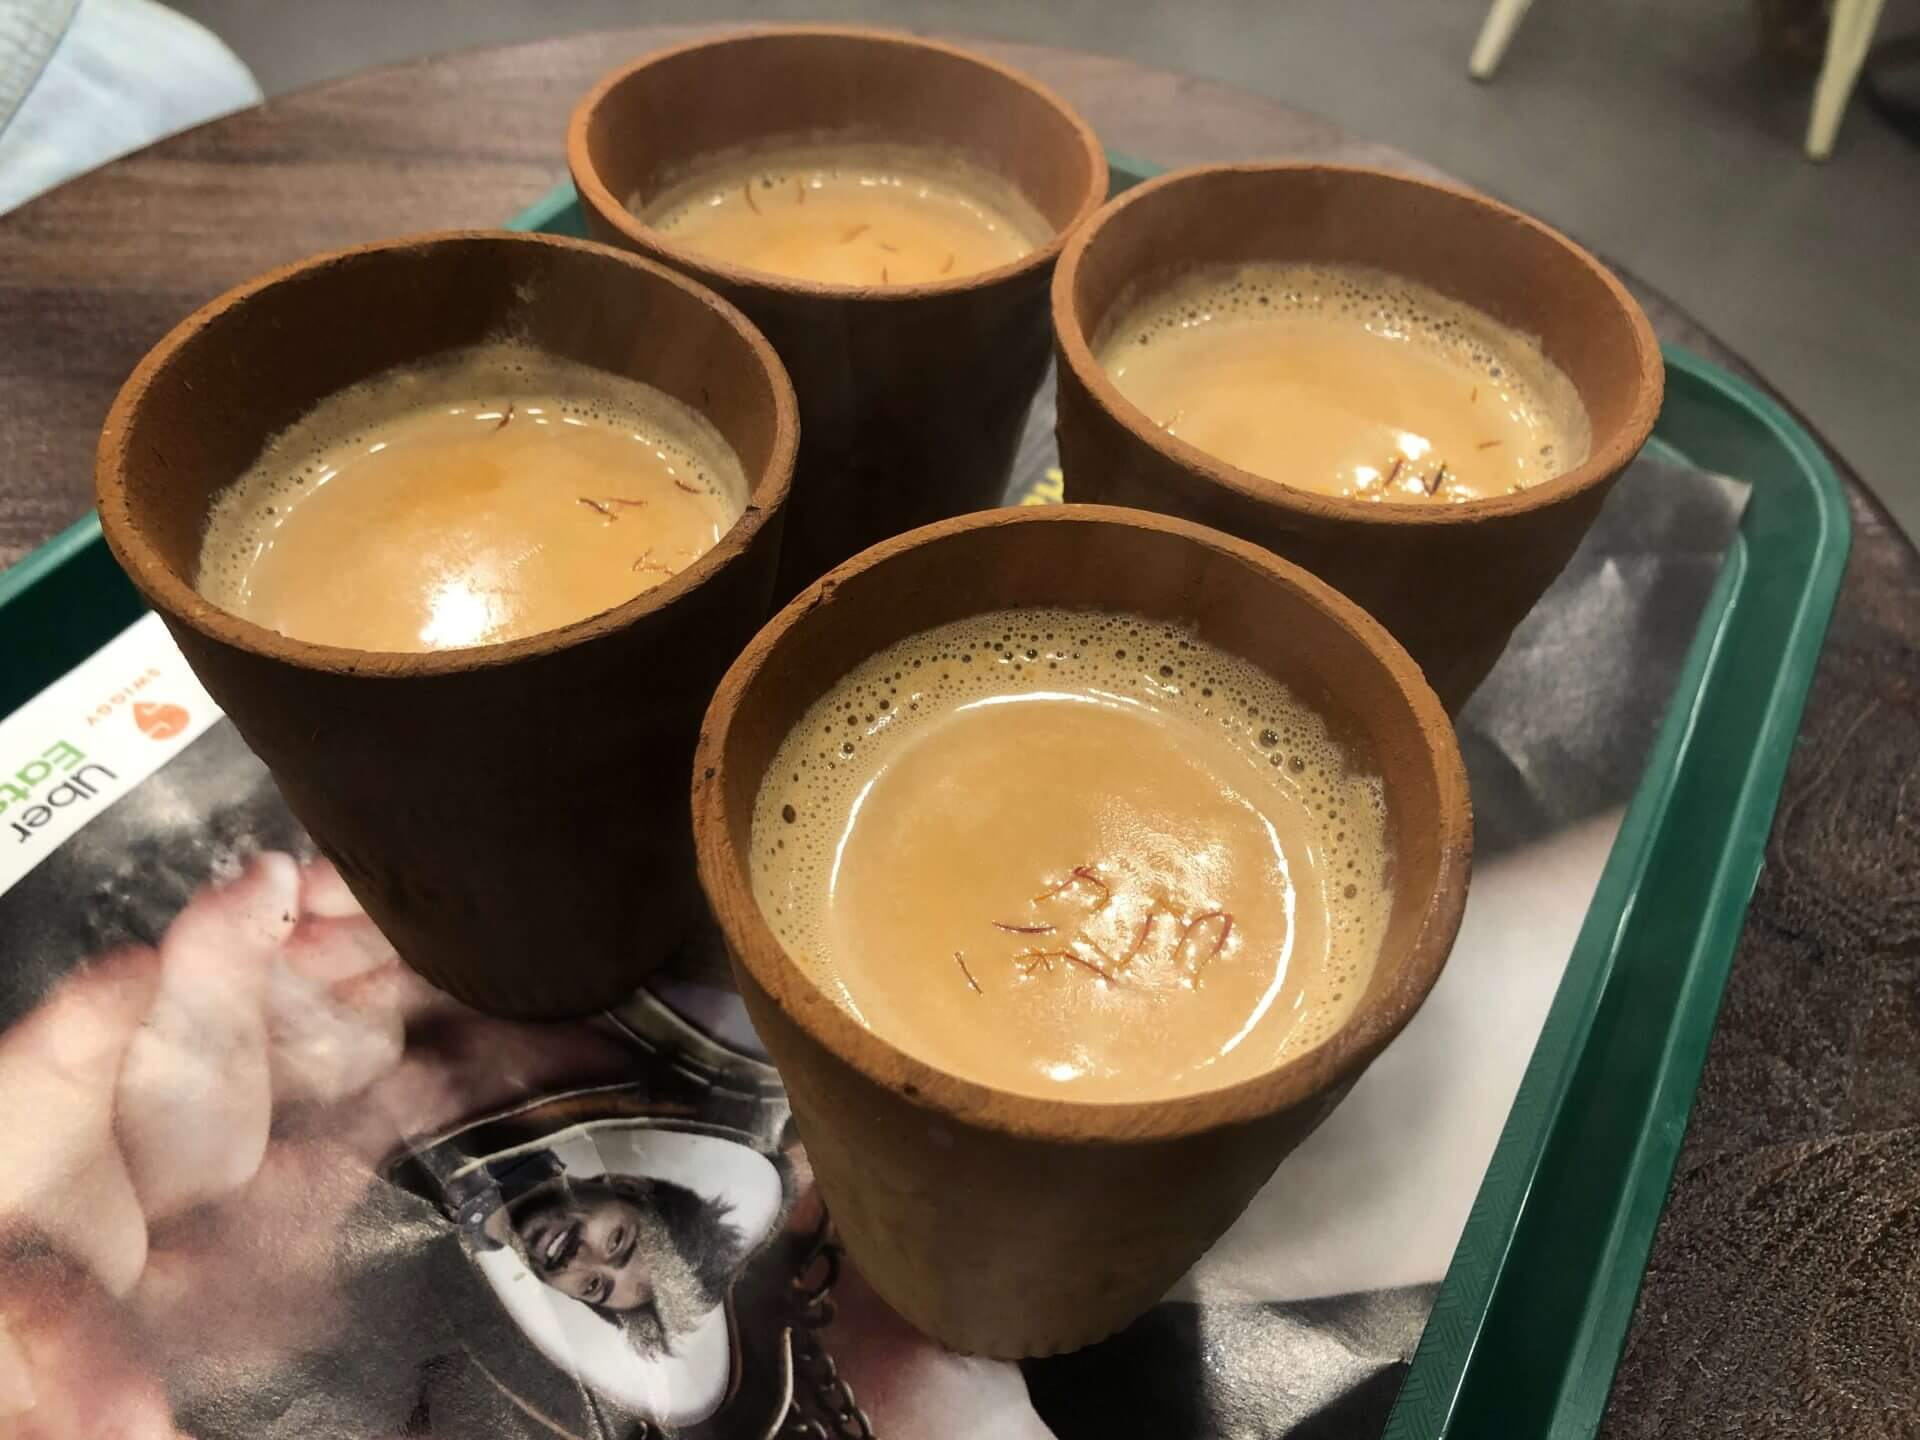 怕拉肚子不敢喝街頭印度奶茶?就去時尚印度奶茶店 Chaayos 吧!